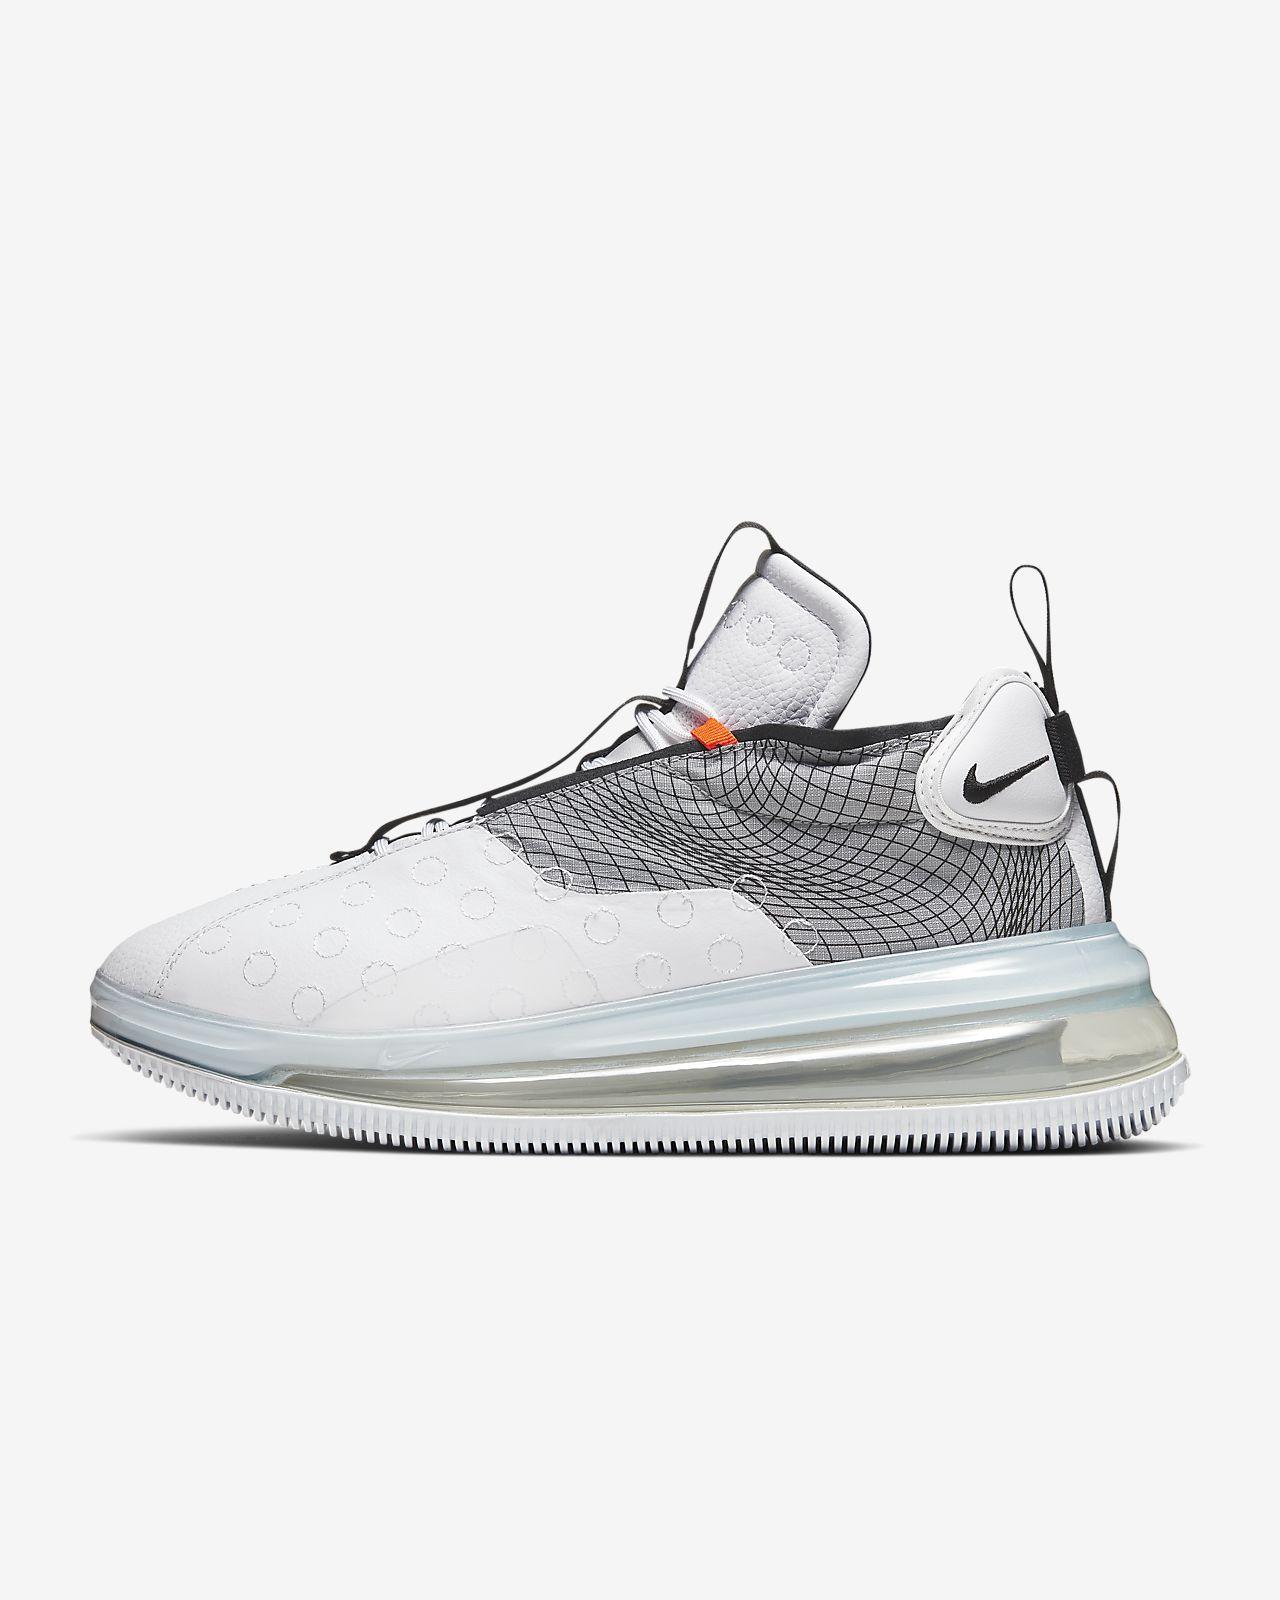 Nike Air Max 720 Waves 男子运动鞋